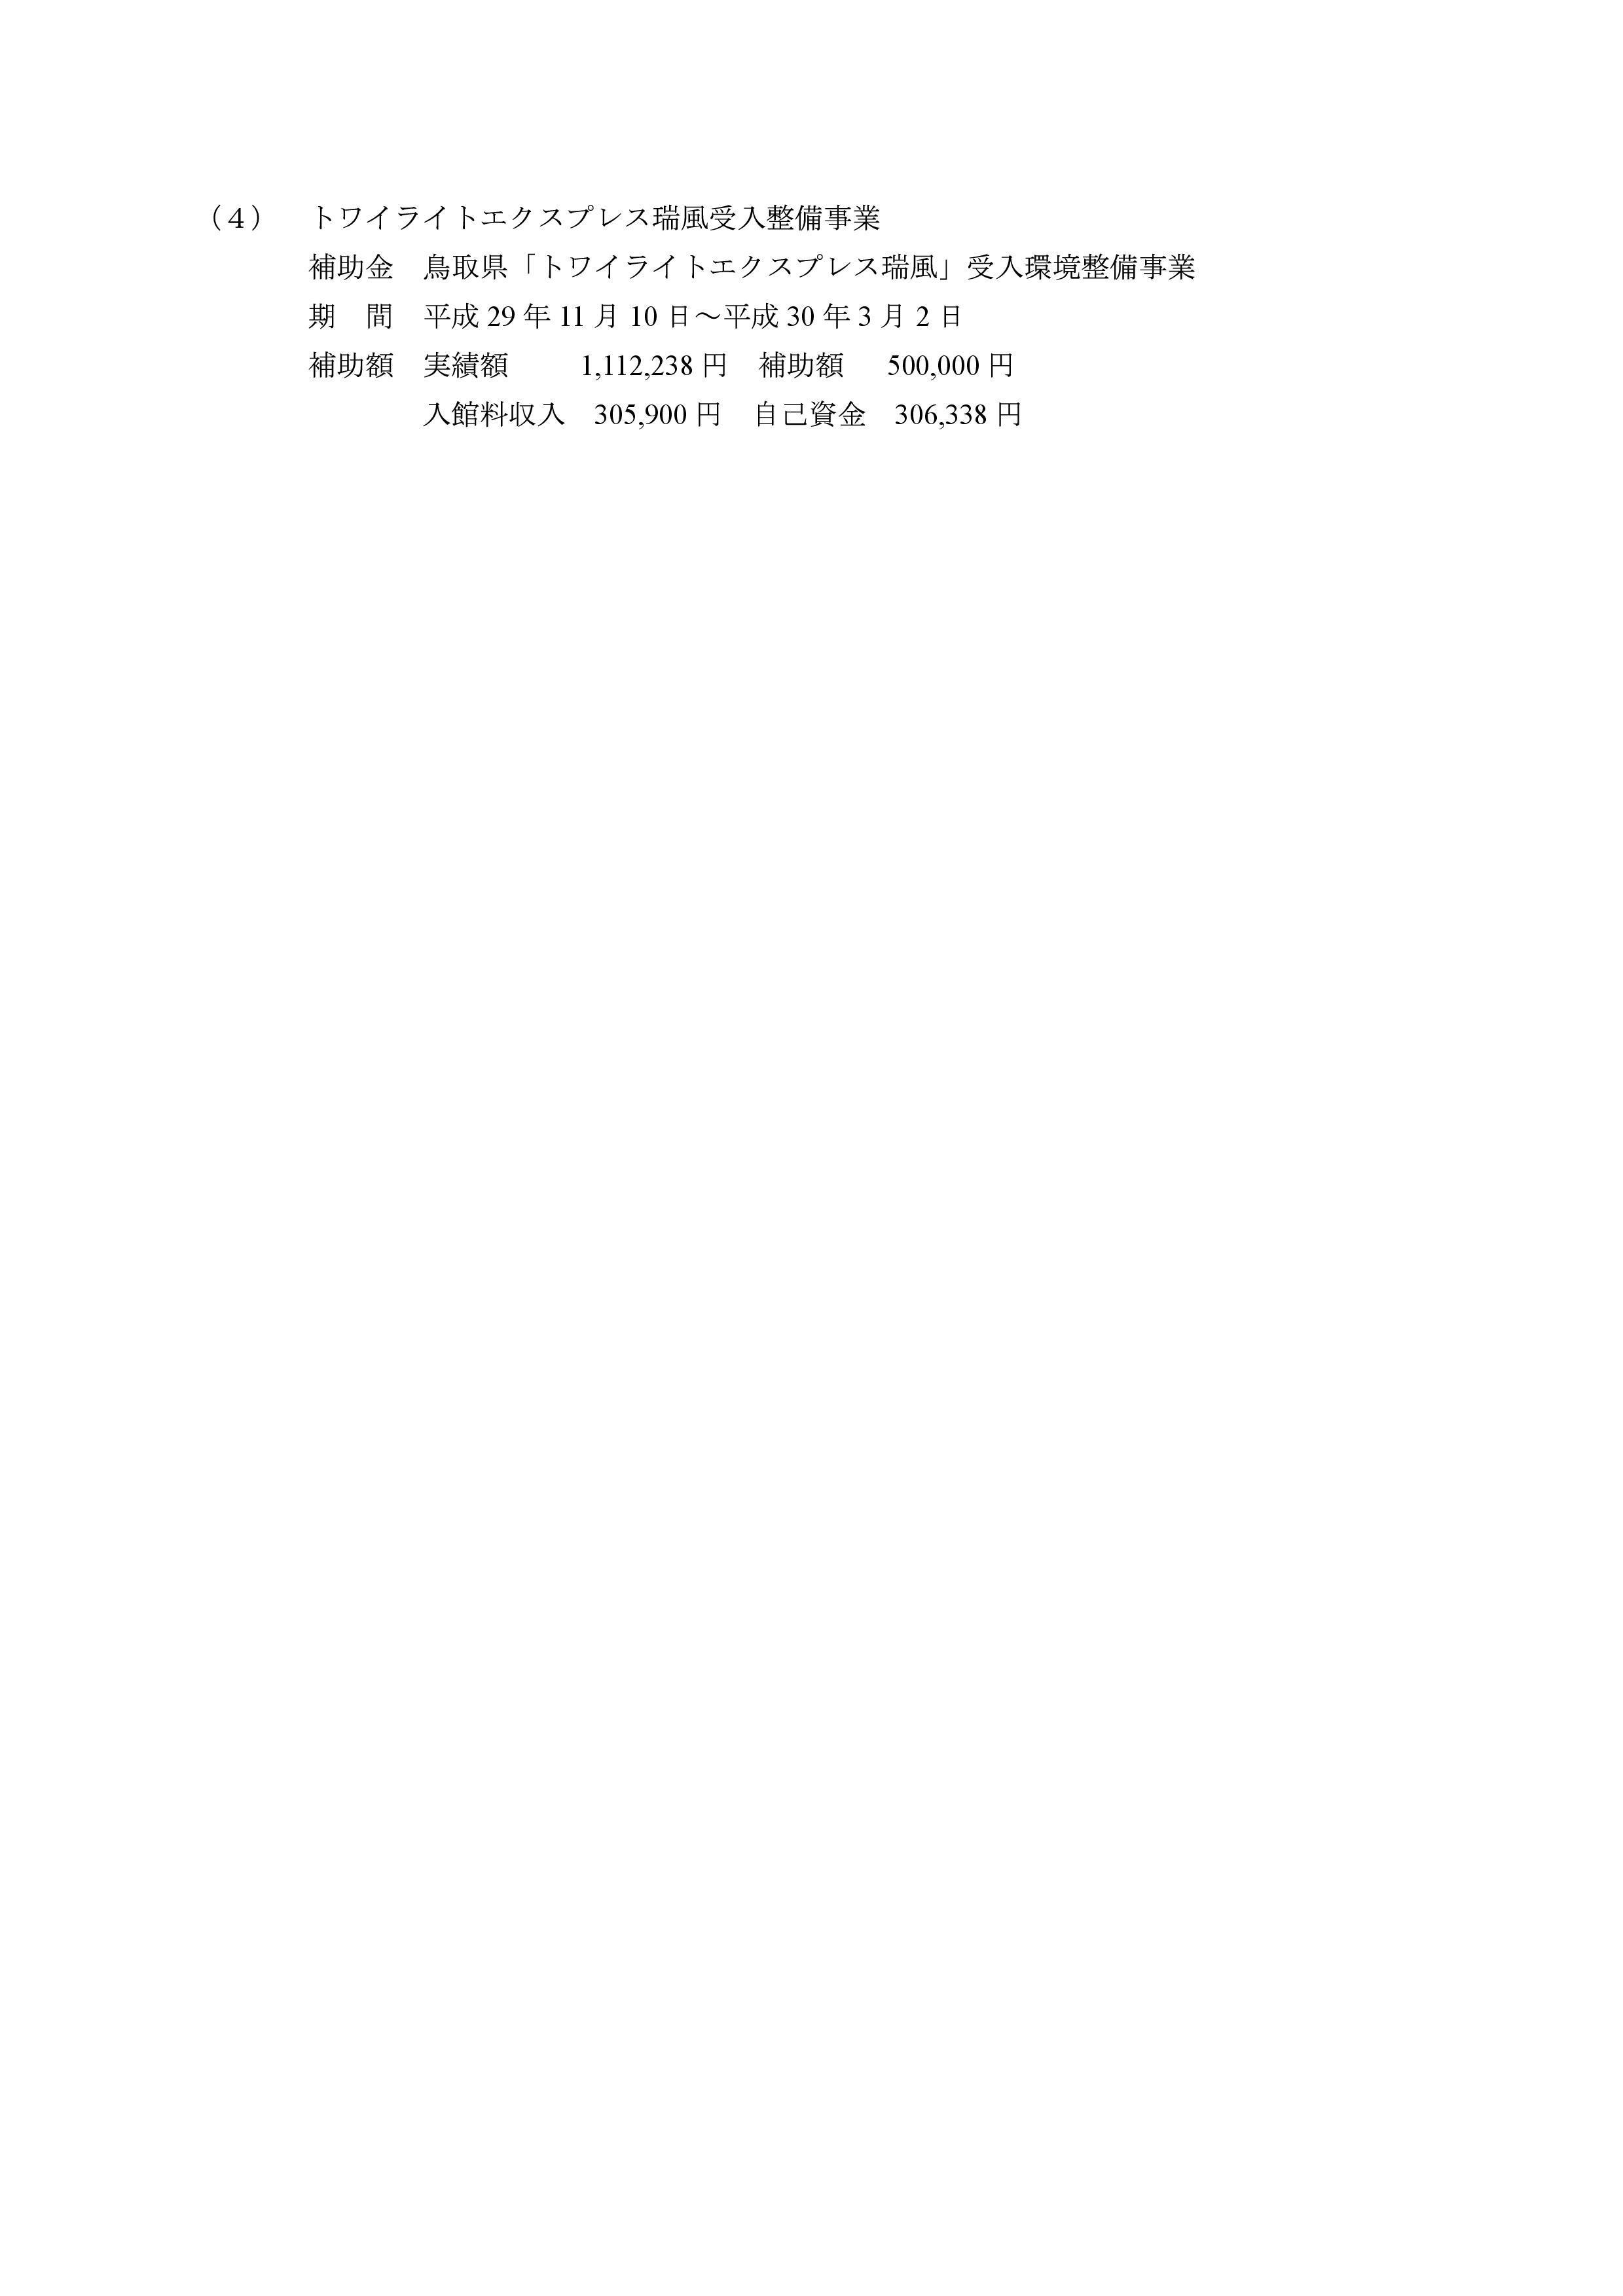 平成29年度 事業報告 決算書 役員一覧_f0197821_18092435.jpg